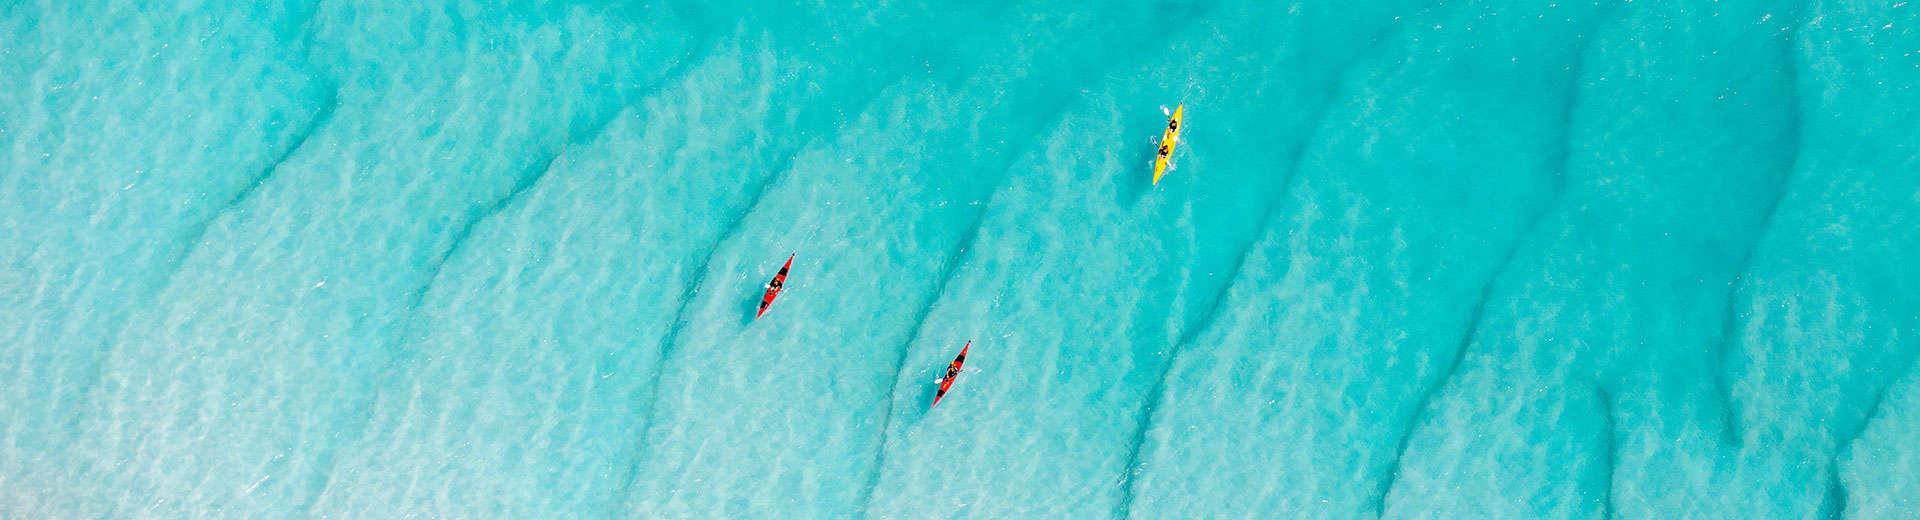 kayaking great barrier reef australia whitsundays